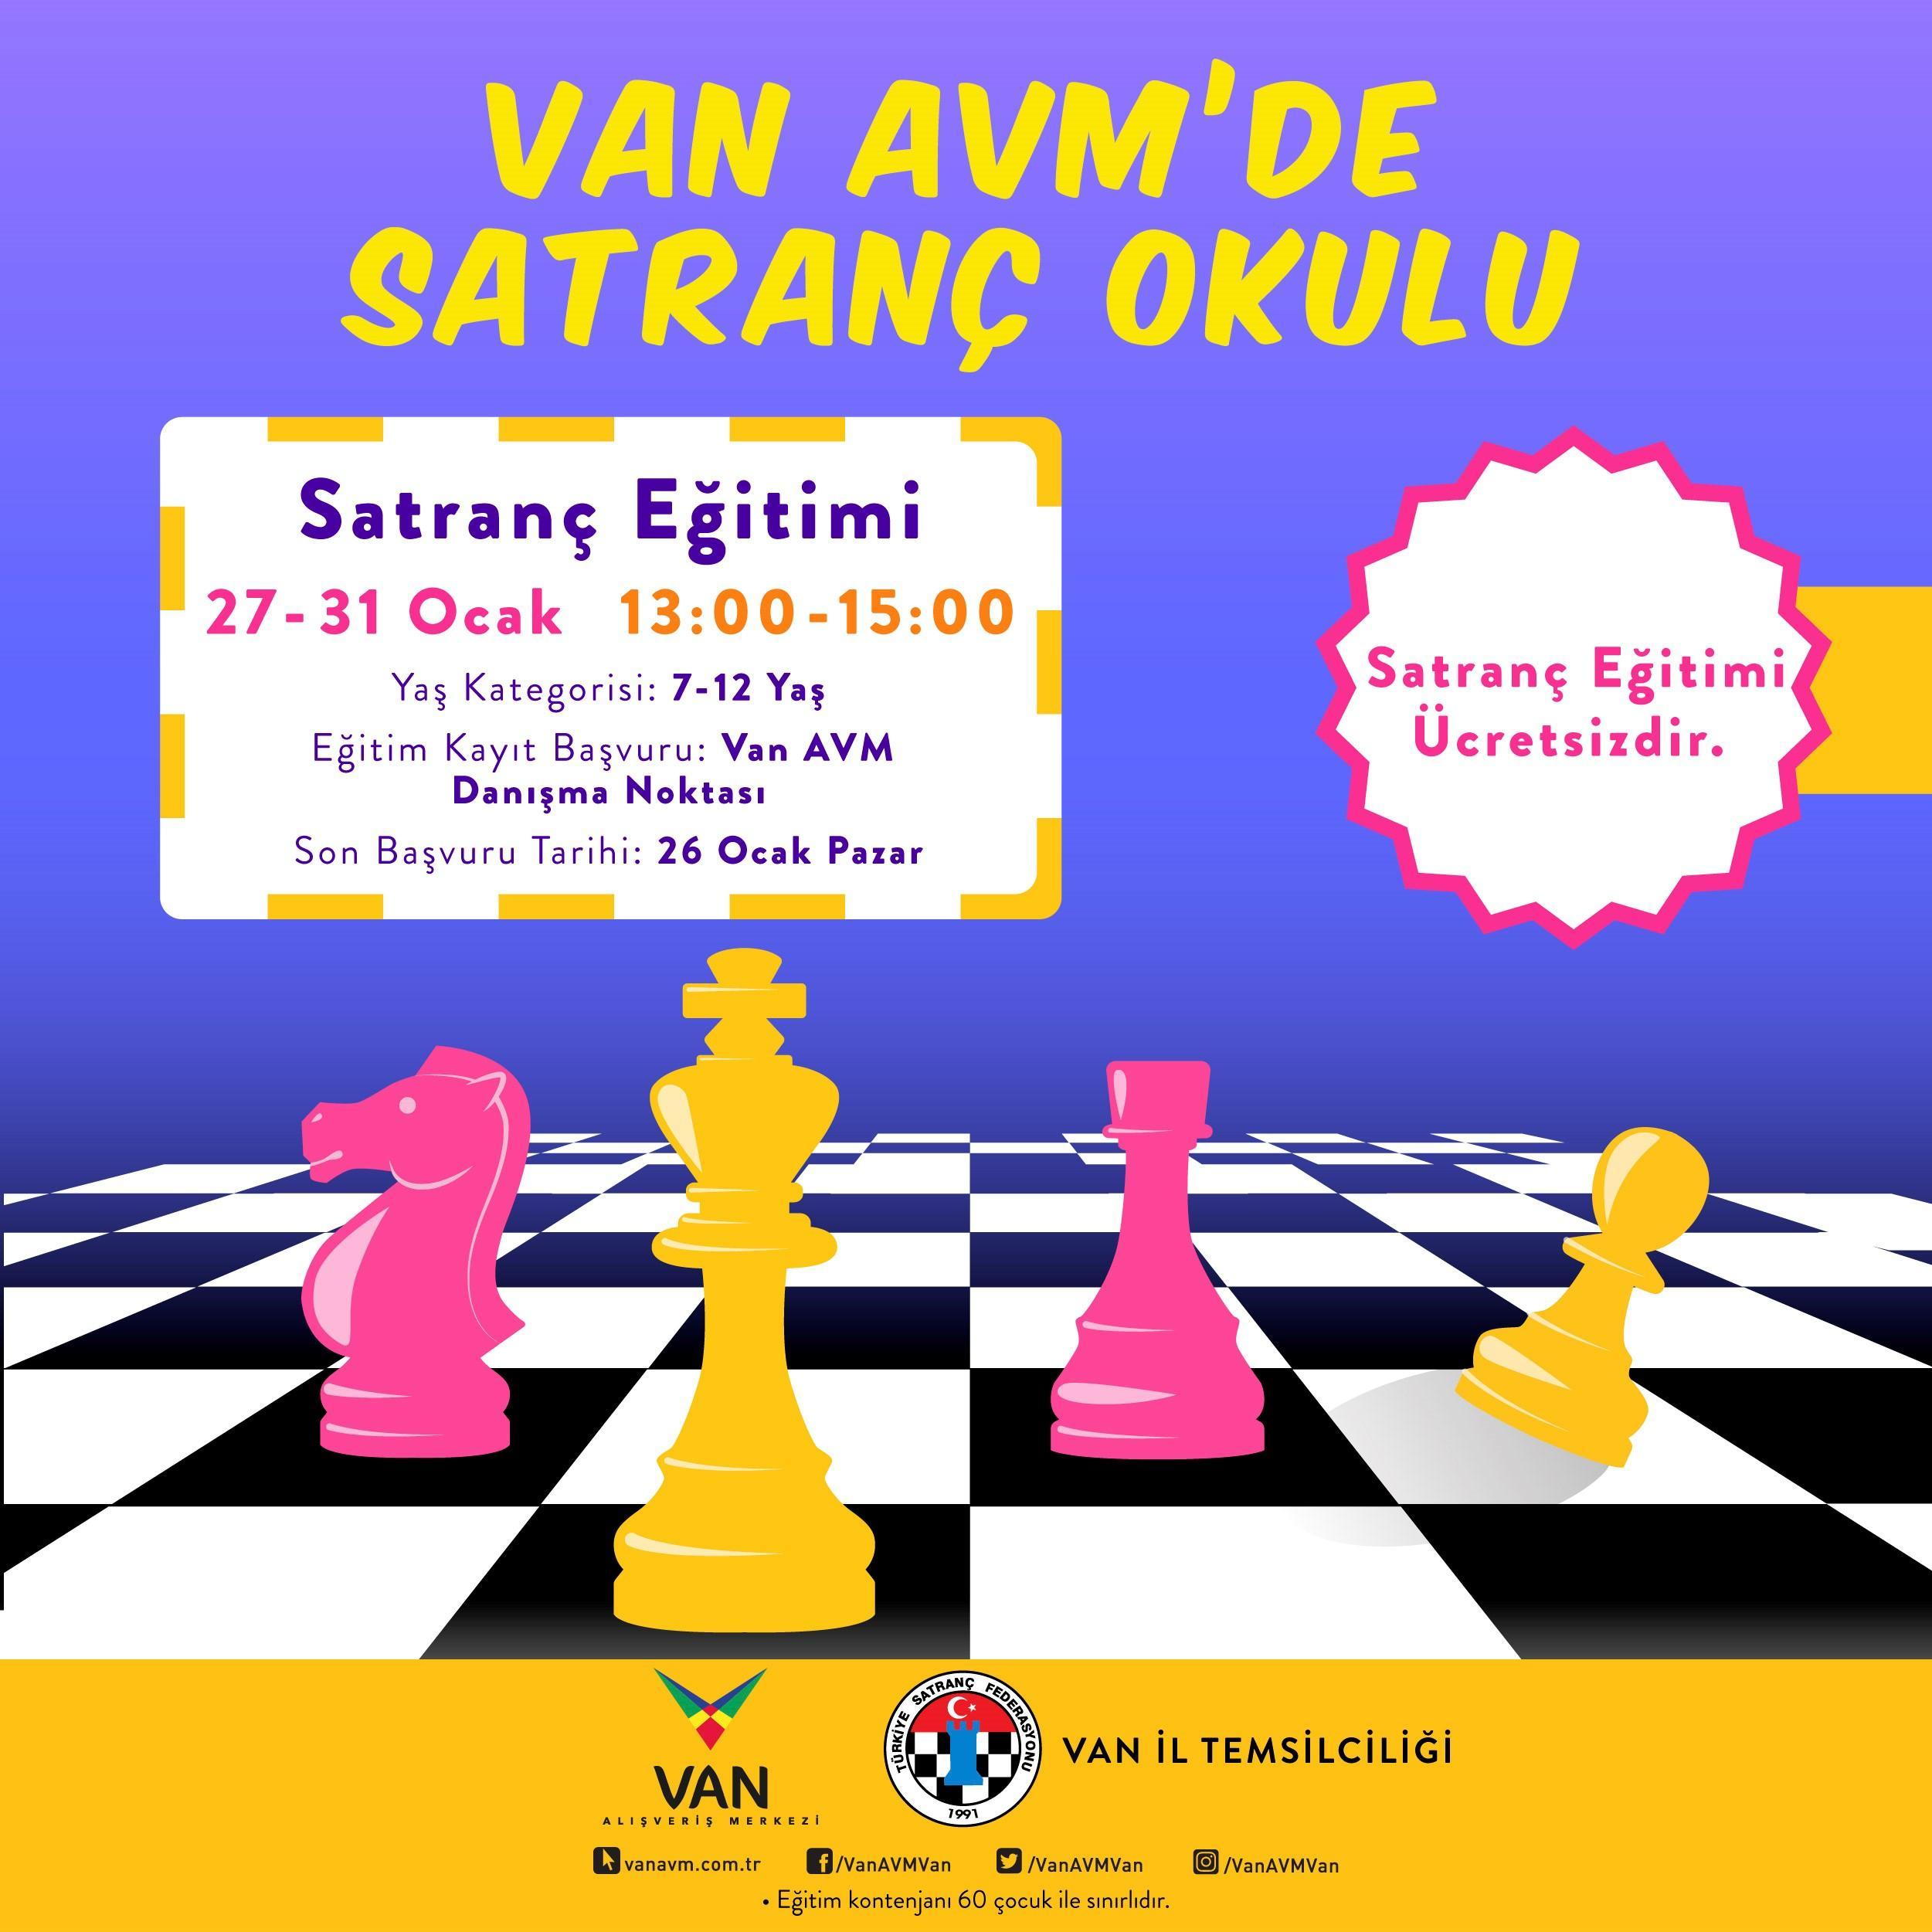 Çocuklara özel satranç eğitimi Van AVM'de